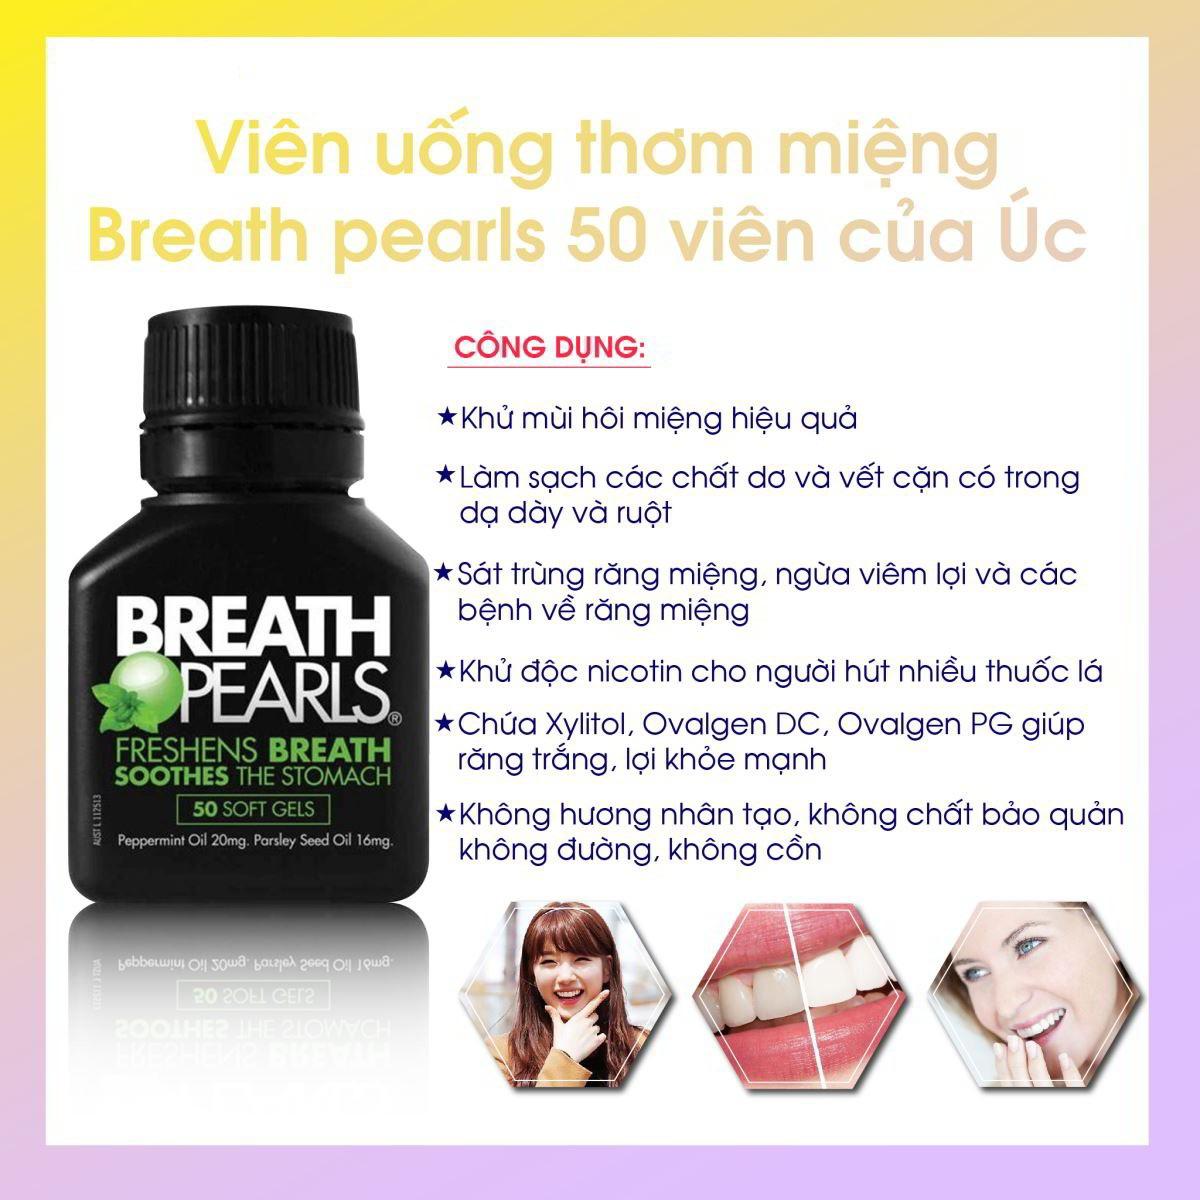 công dụng của viên uống thơm miệng Breath pearls